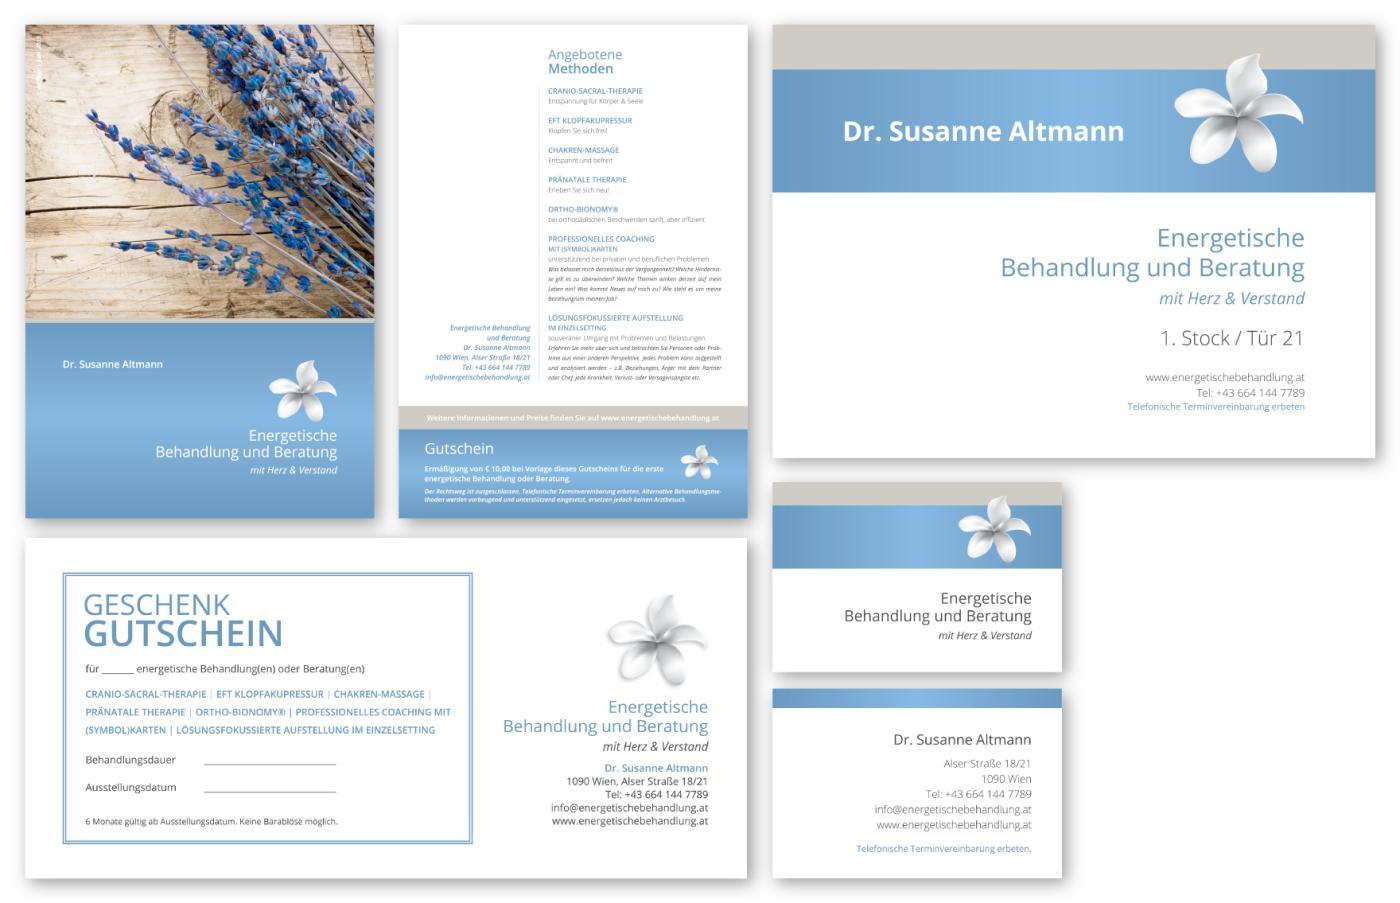 Design Energetische Behandlung & Beratung